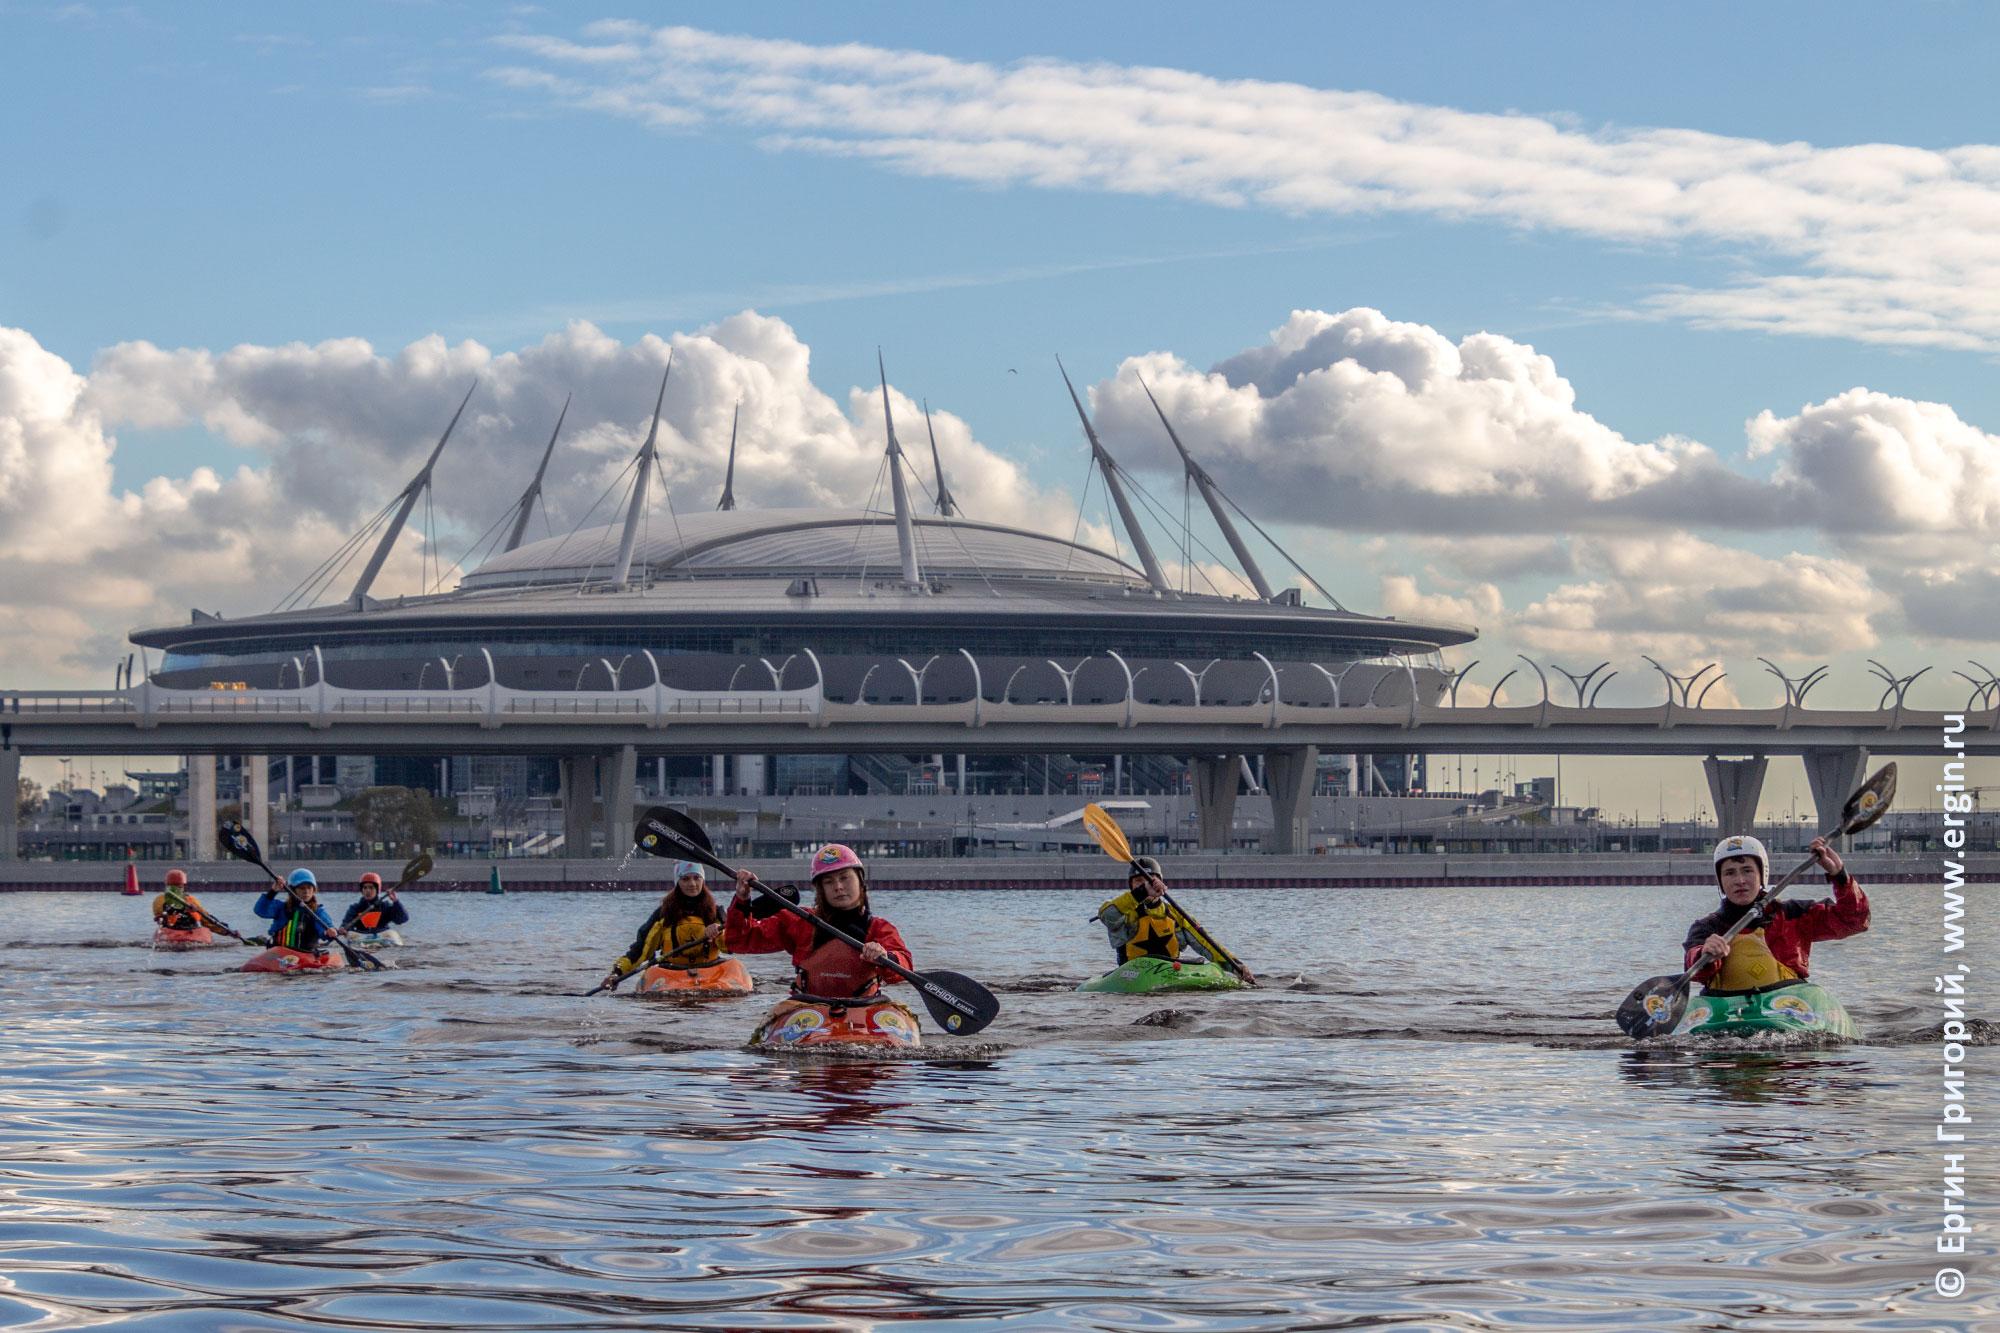 По Невской губе на каяках идут каякеры сзади стадион Санкт-Петербург и ЗСД